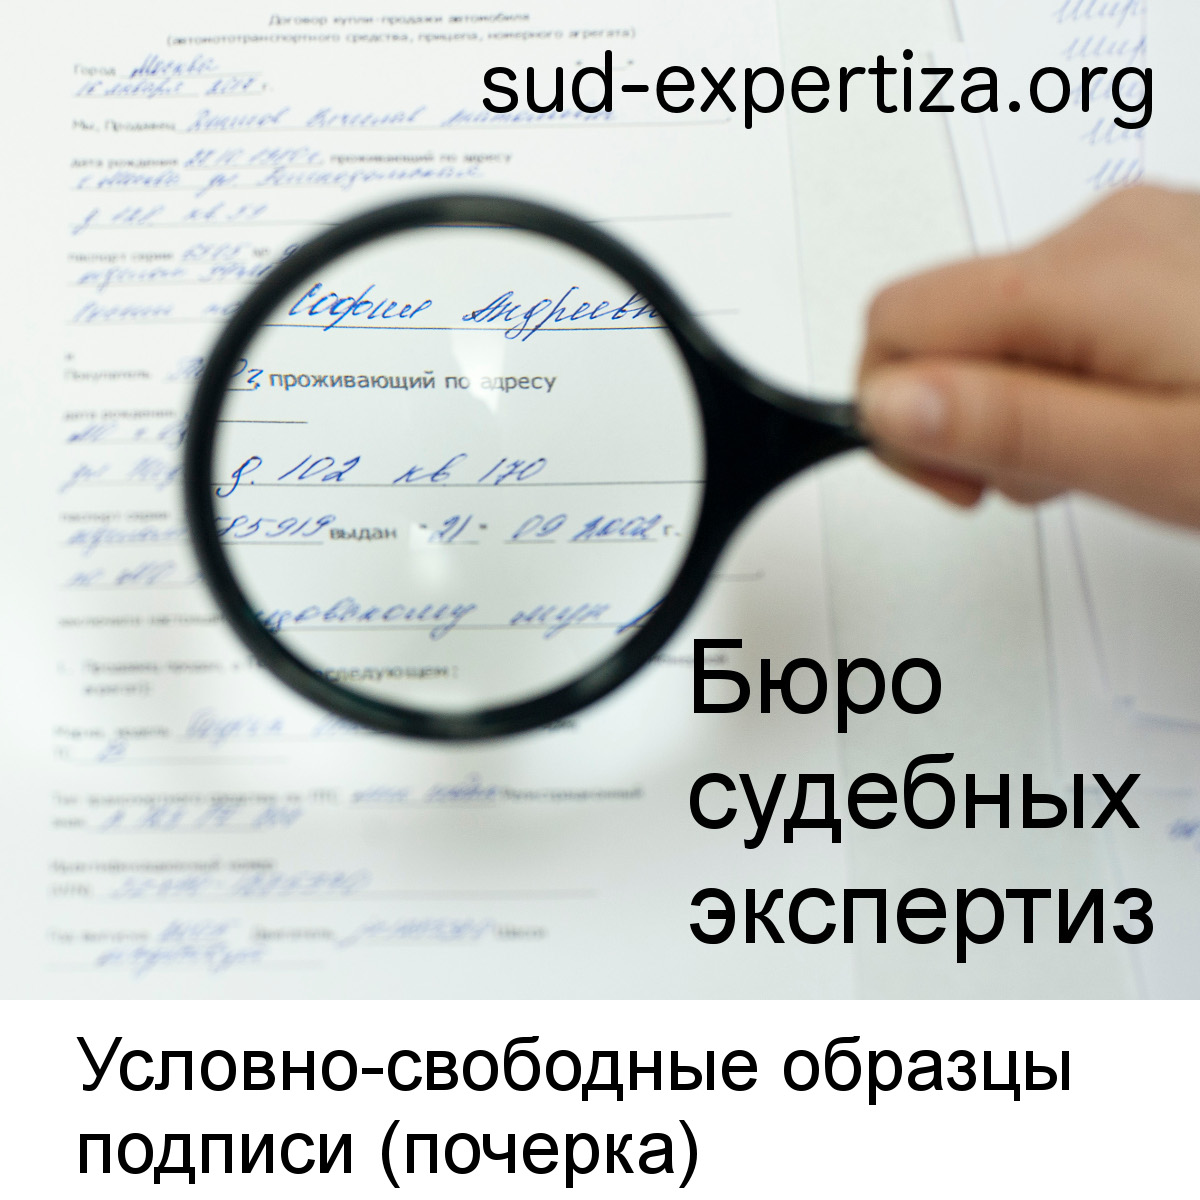 Условно-свободные образцы подписи